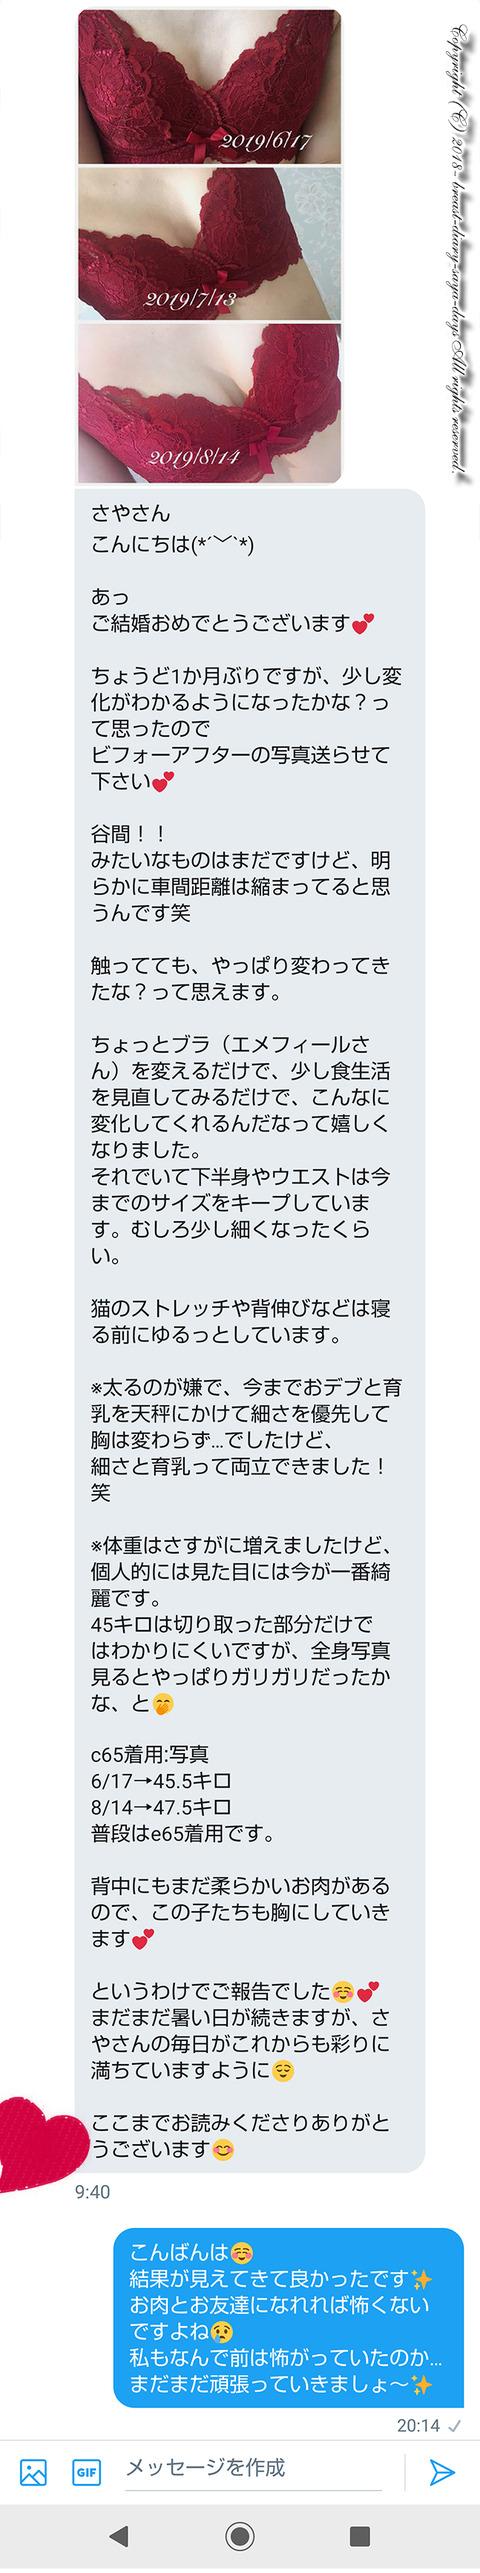 バストアップ_コンサル_201908_01